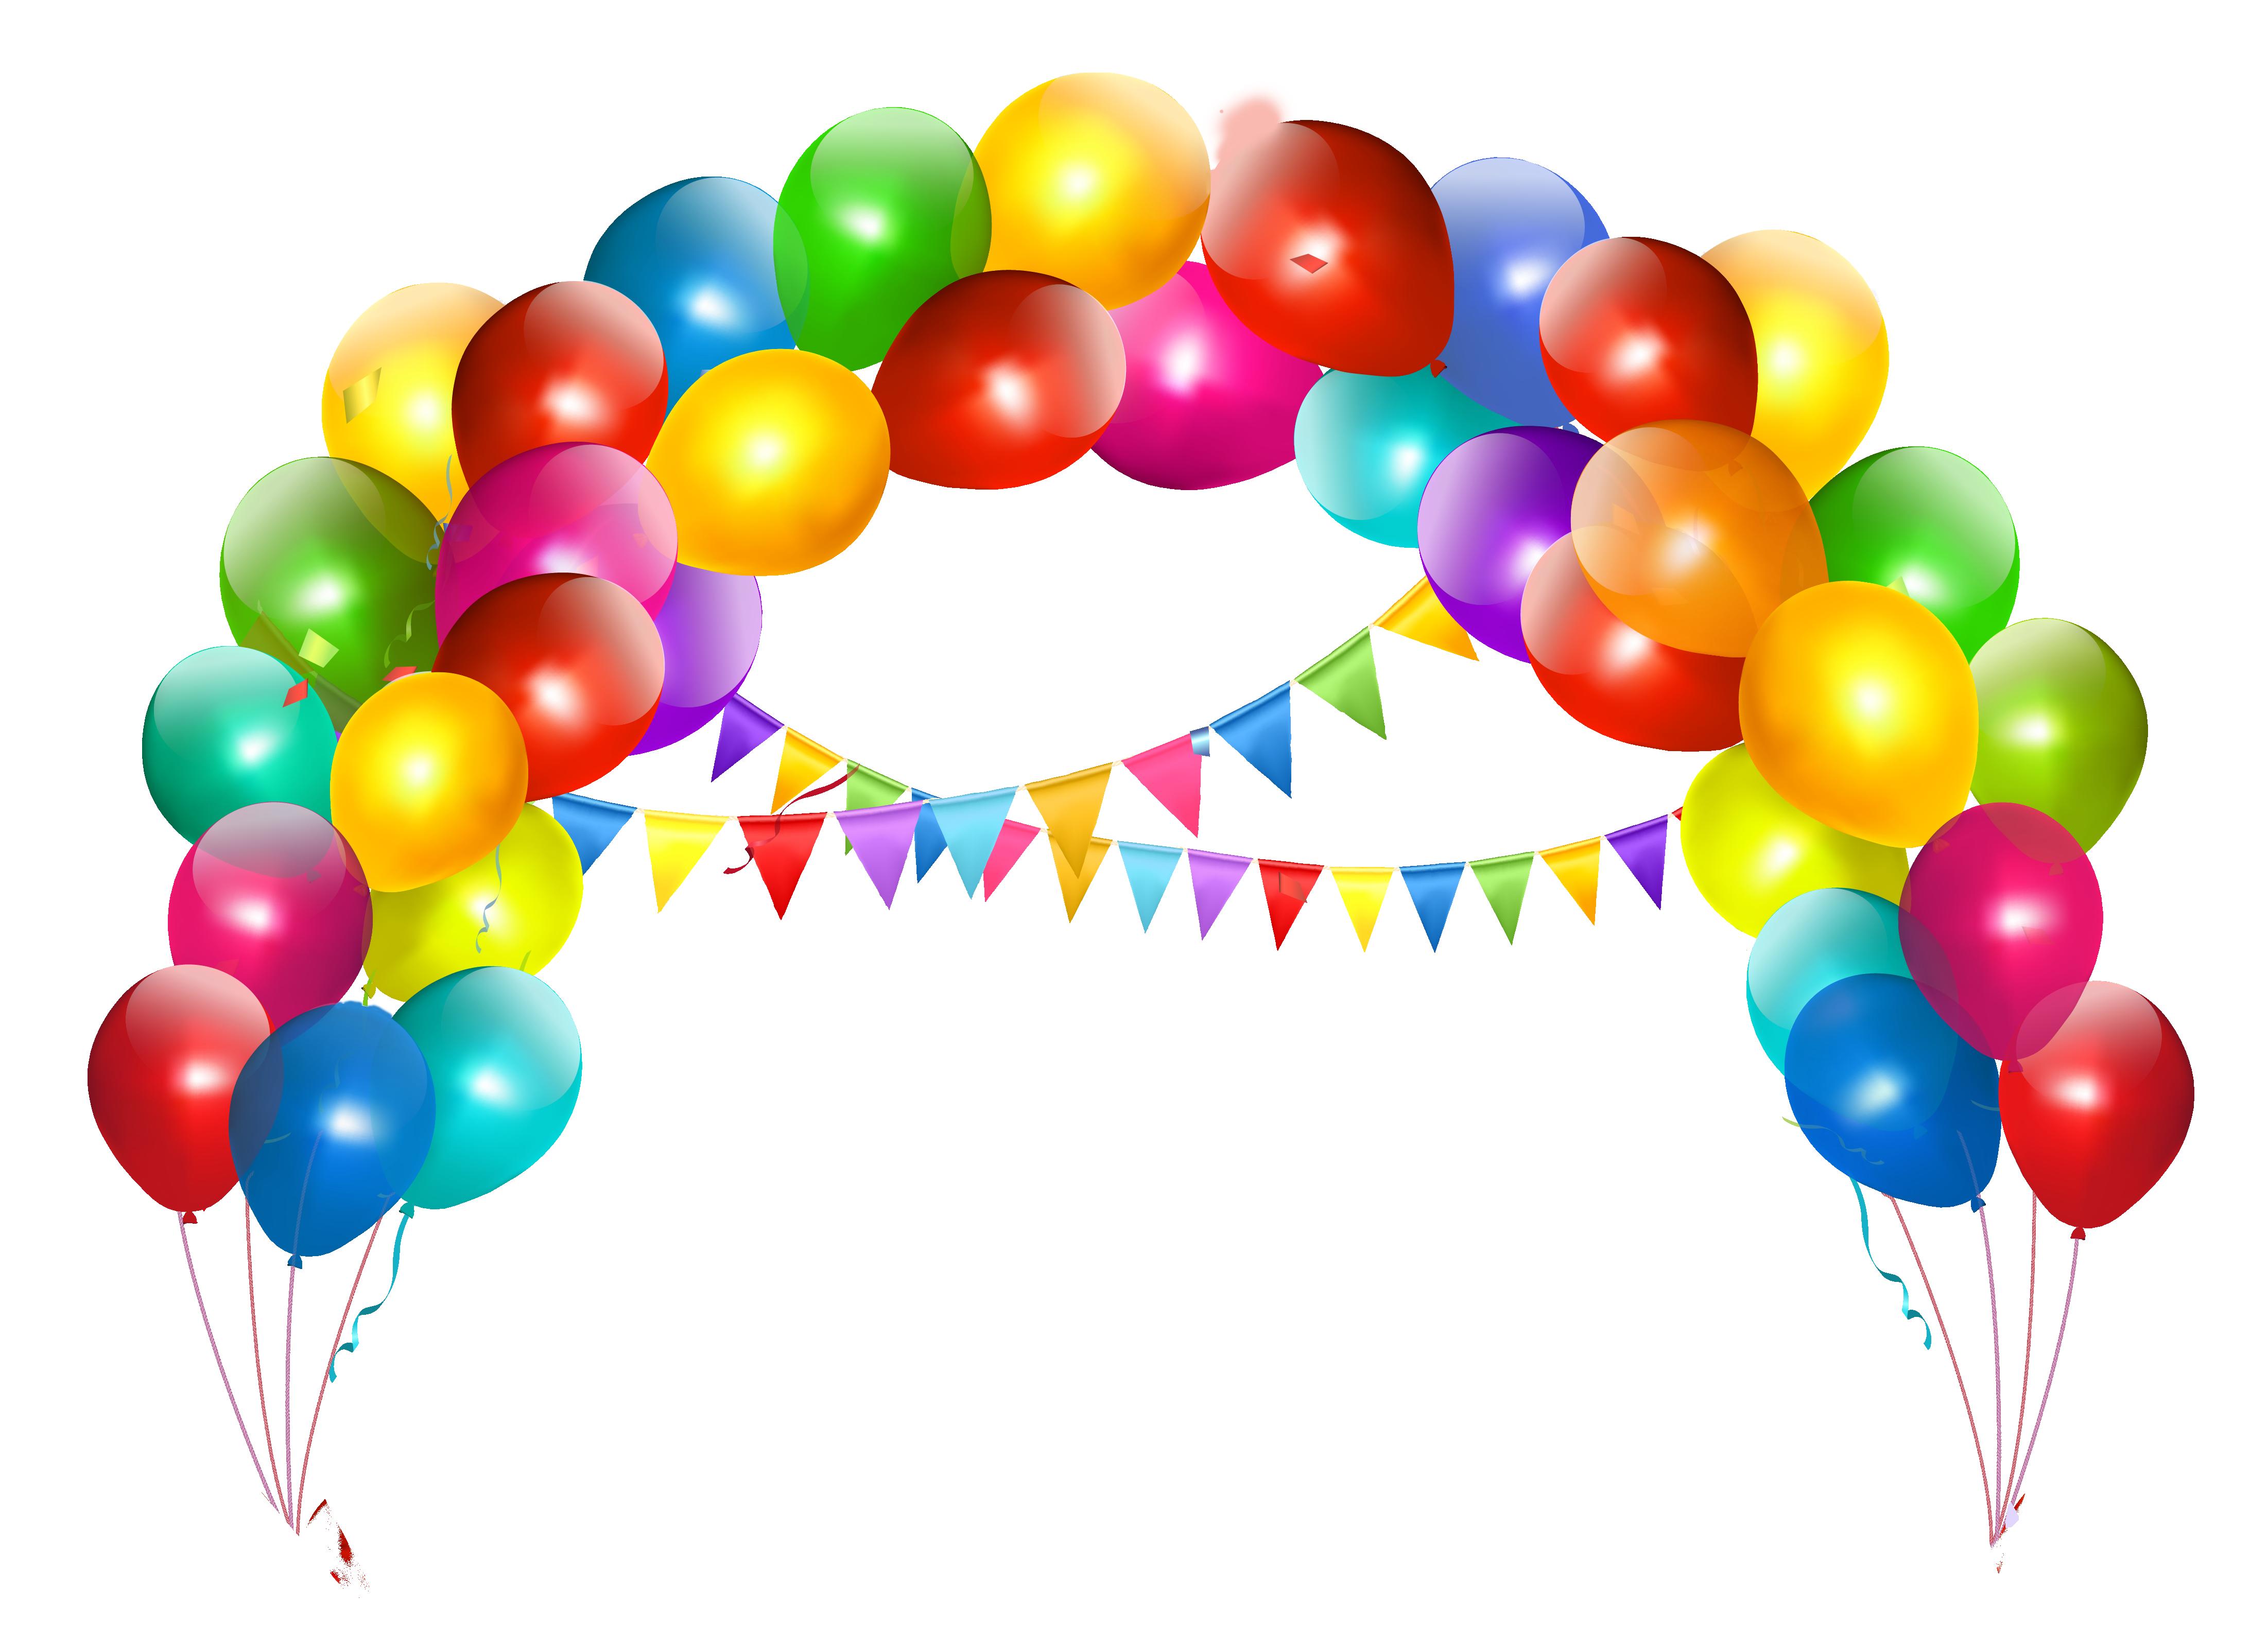 Free Balloons Clip Art. Ballo - Clipart Of Balloons